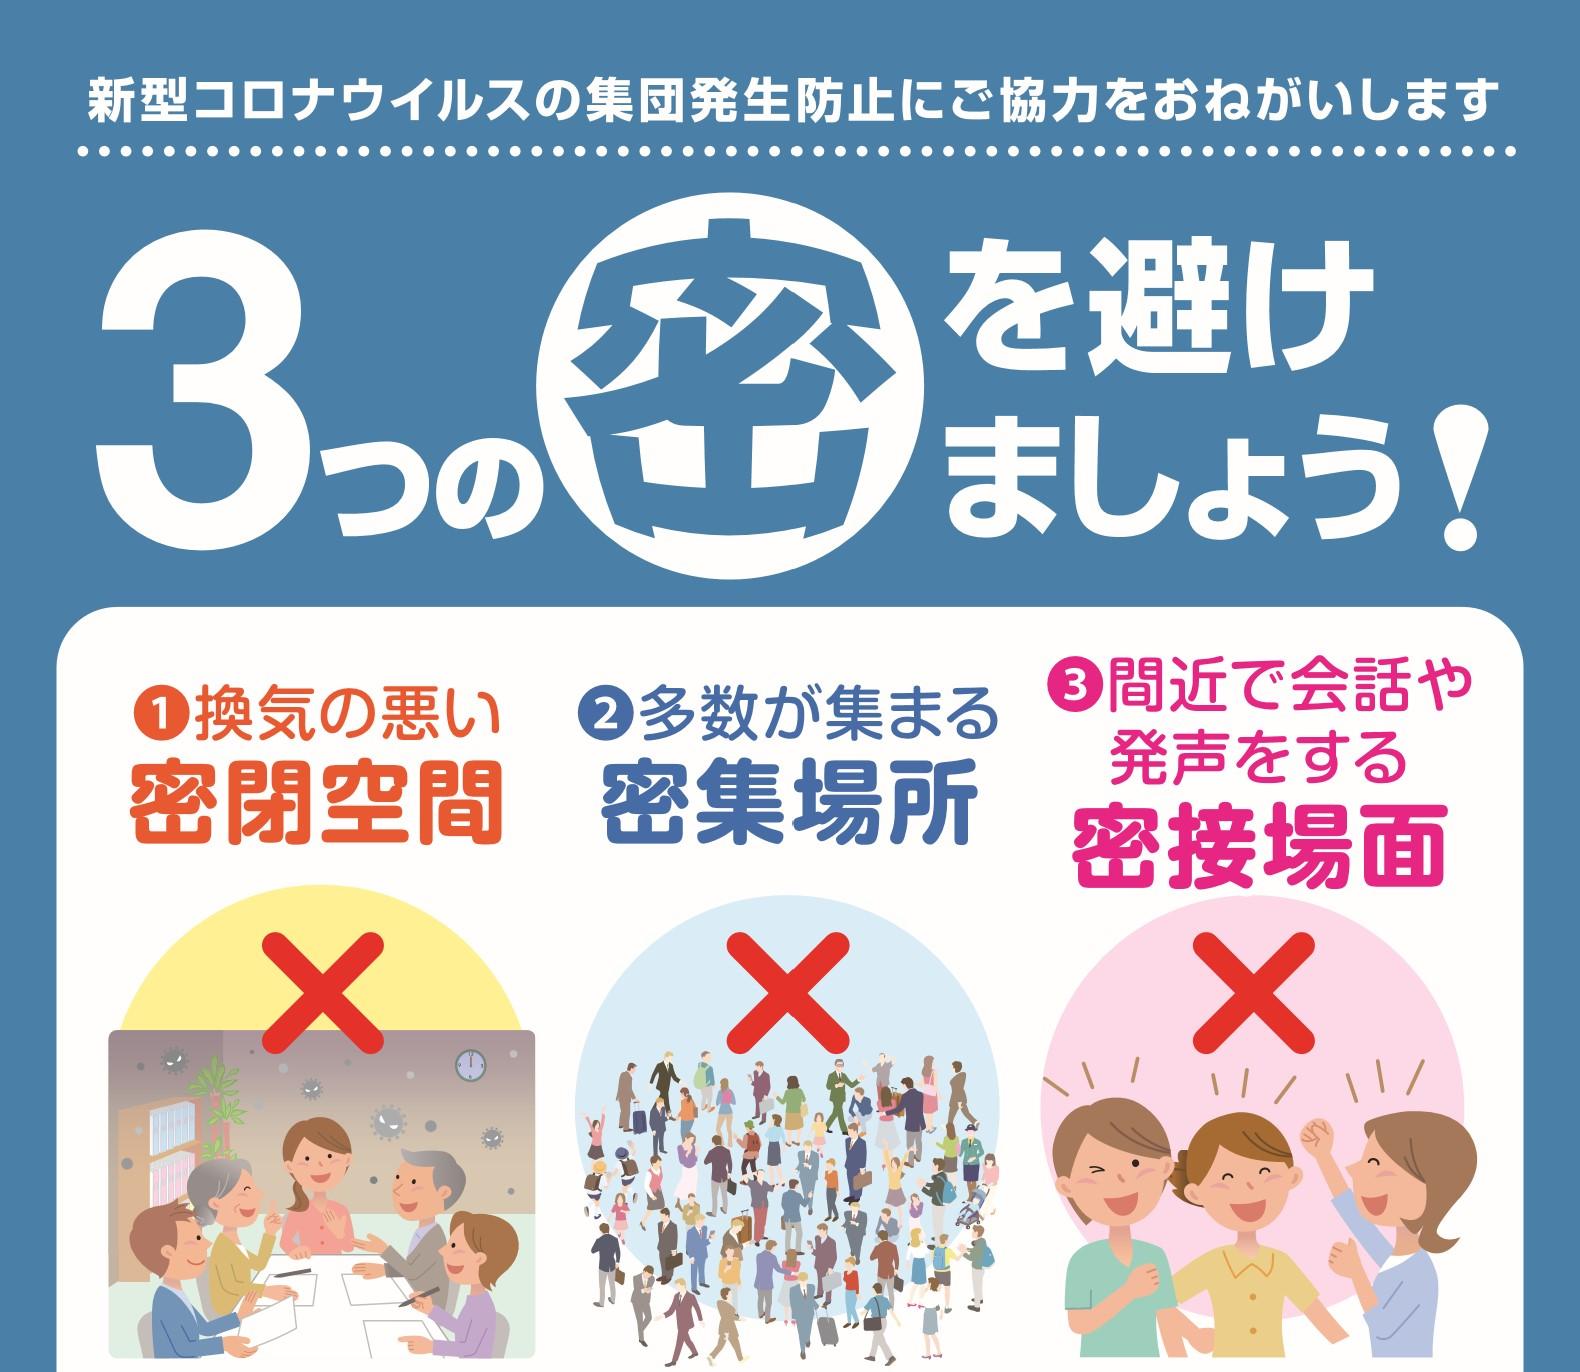 【2020/4/4更新】 新型コロナウイルスの影響によるスクールの運営について